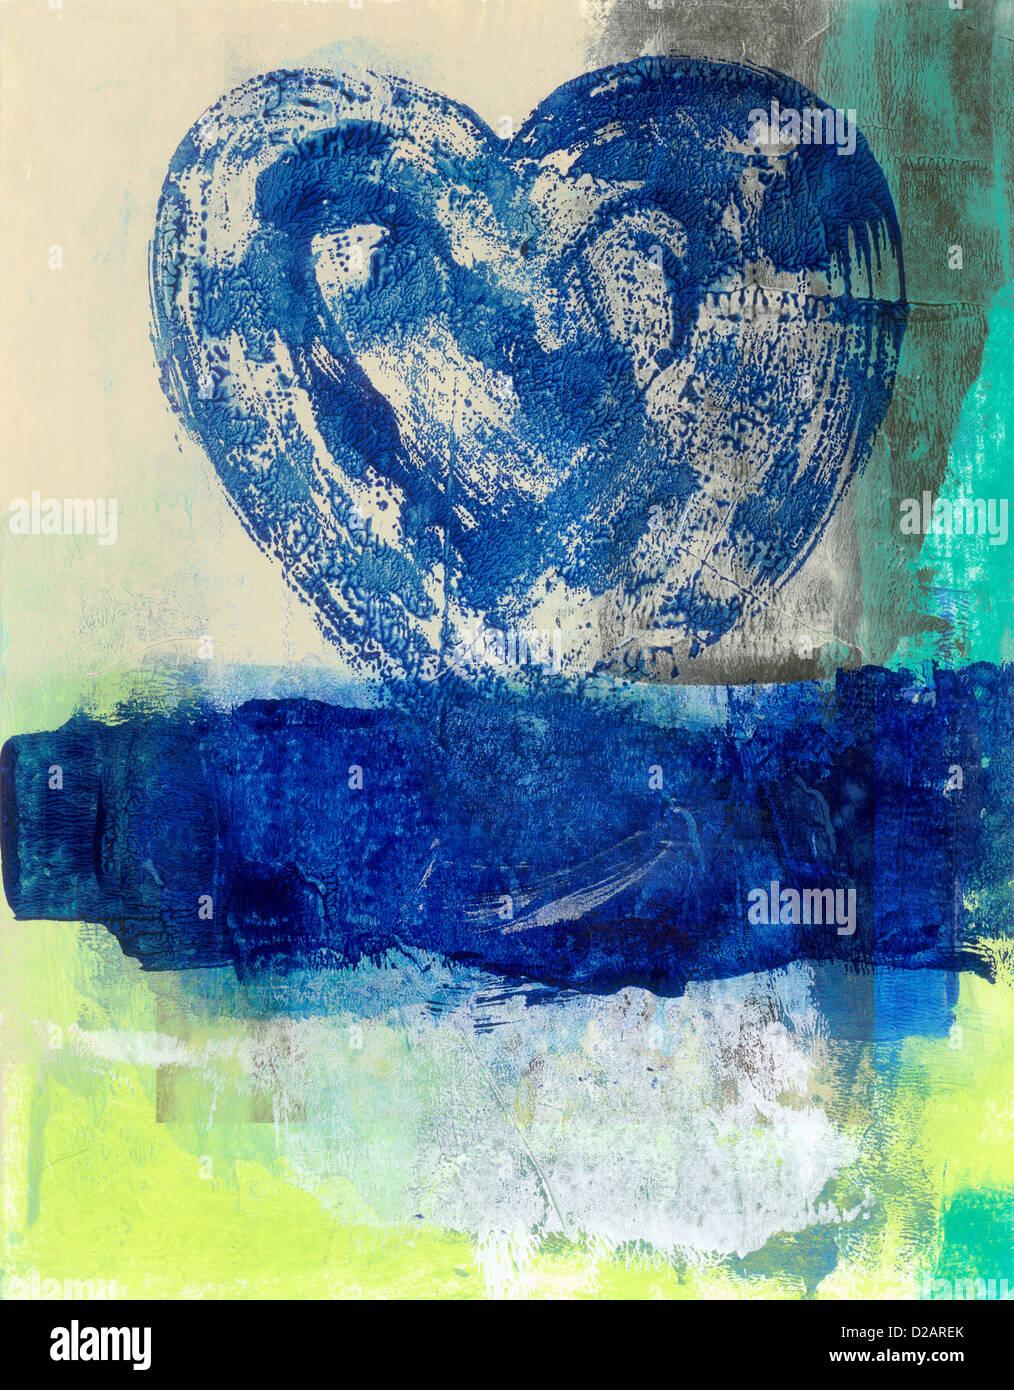 La peinture abstraite d'un coeur bleu passant d'une eau bleue.Banque D'Images